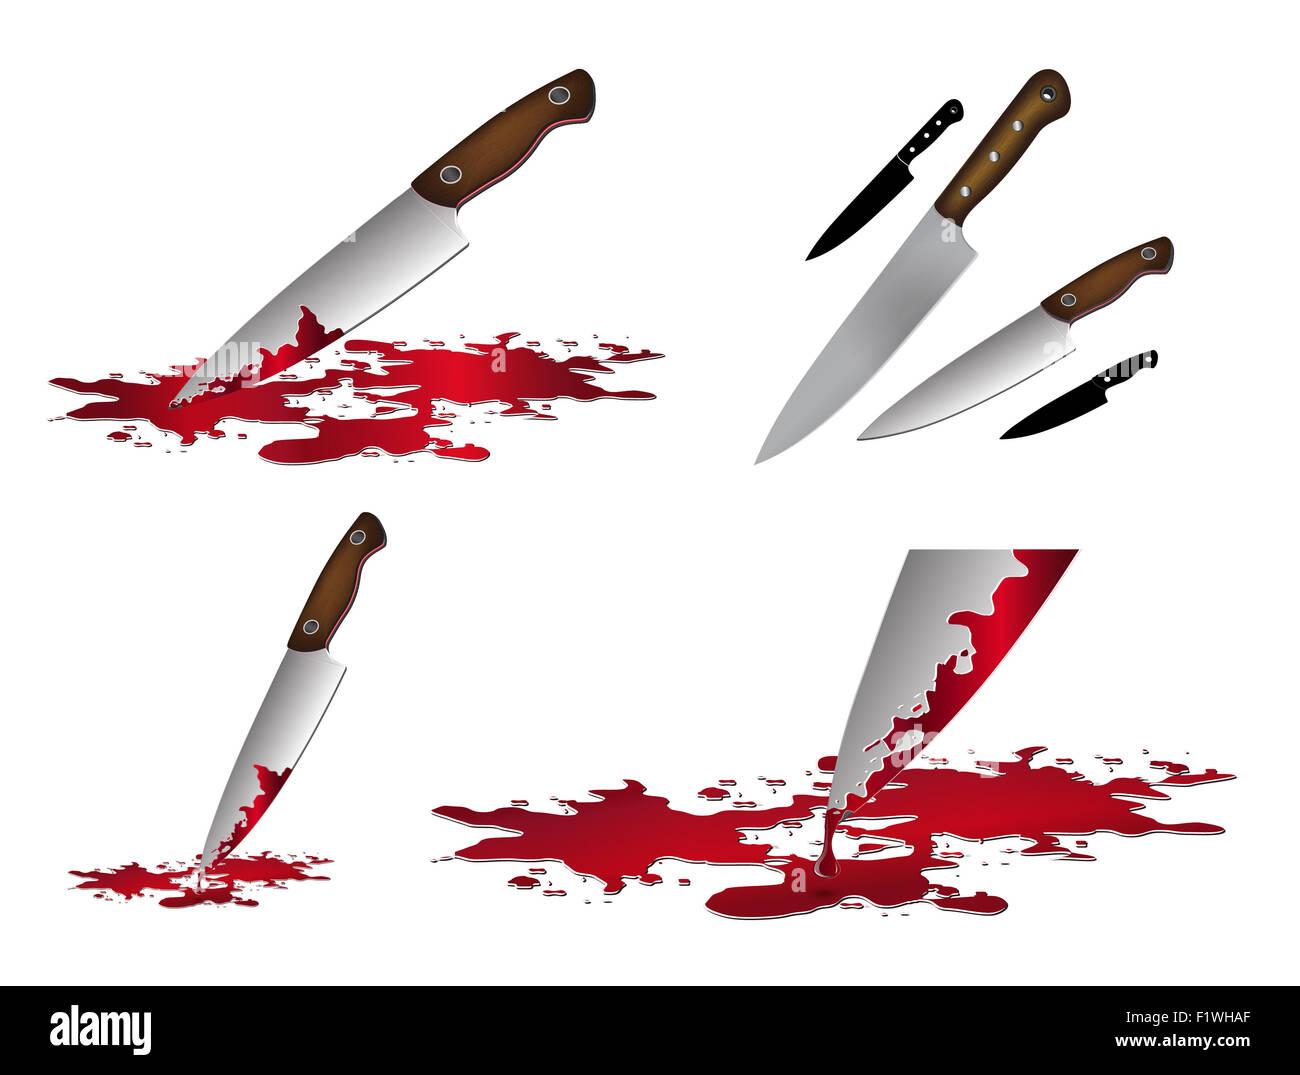 Realistische blutiges Messer. Messer mit Blut-Vektor-Illustration ...